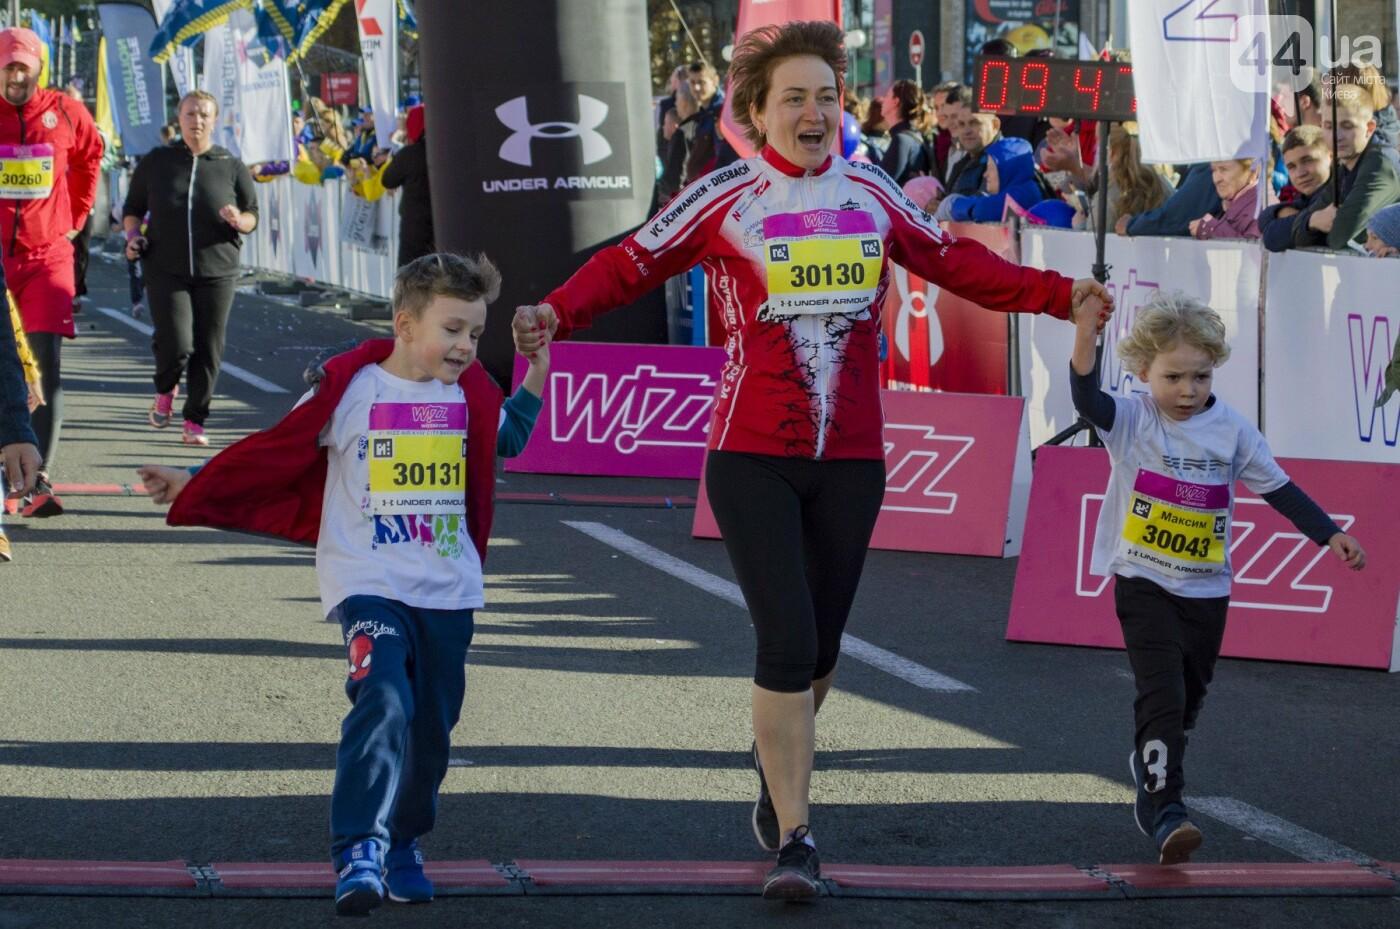 В центре Киева тысячи семей, детей и воинов АТО пробежали марафон, - ФОТОРЕПОРТАЖ, фото-18